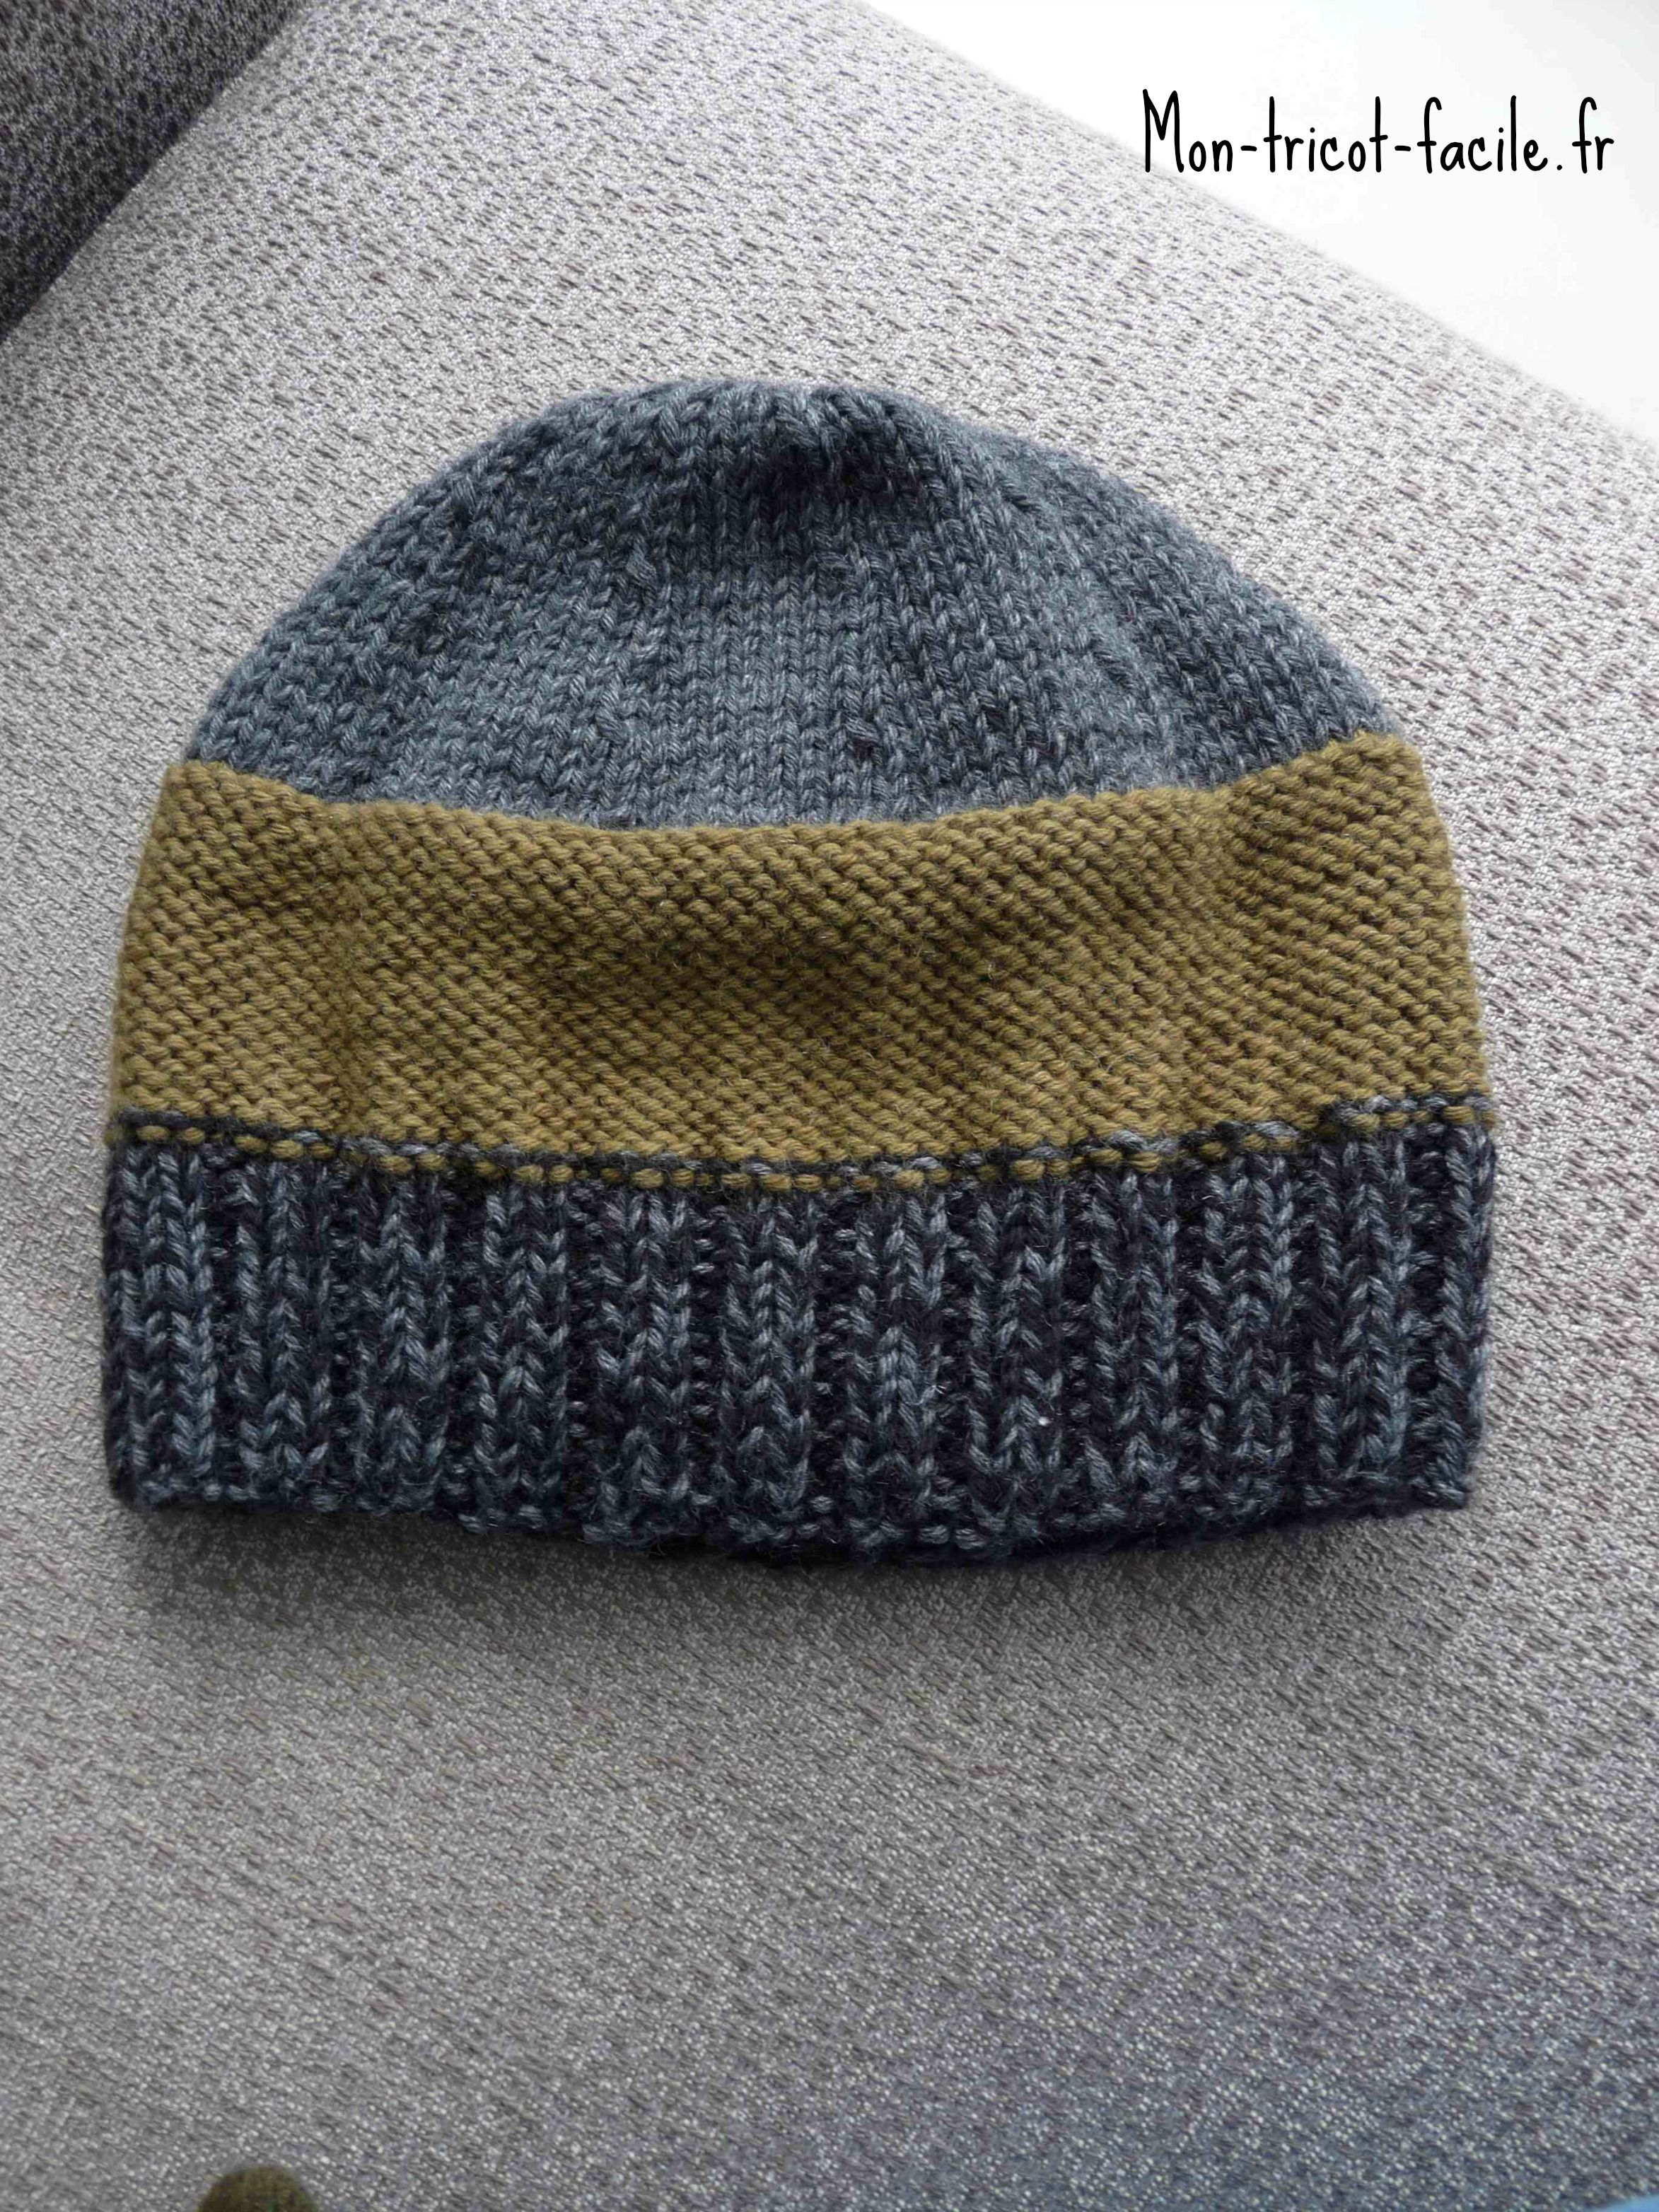 Tricoter un bonnet simple pour homme